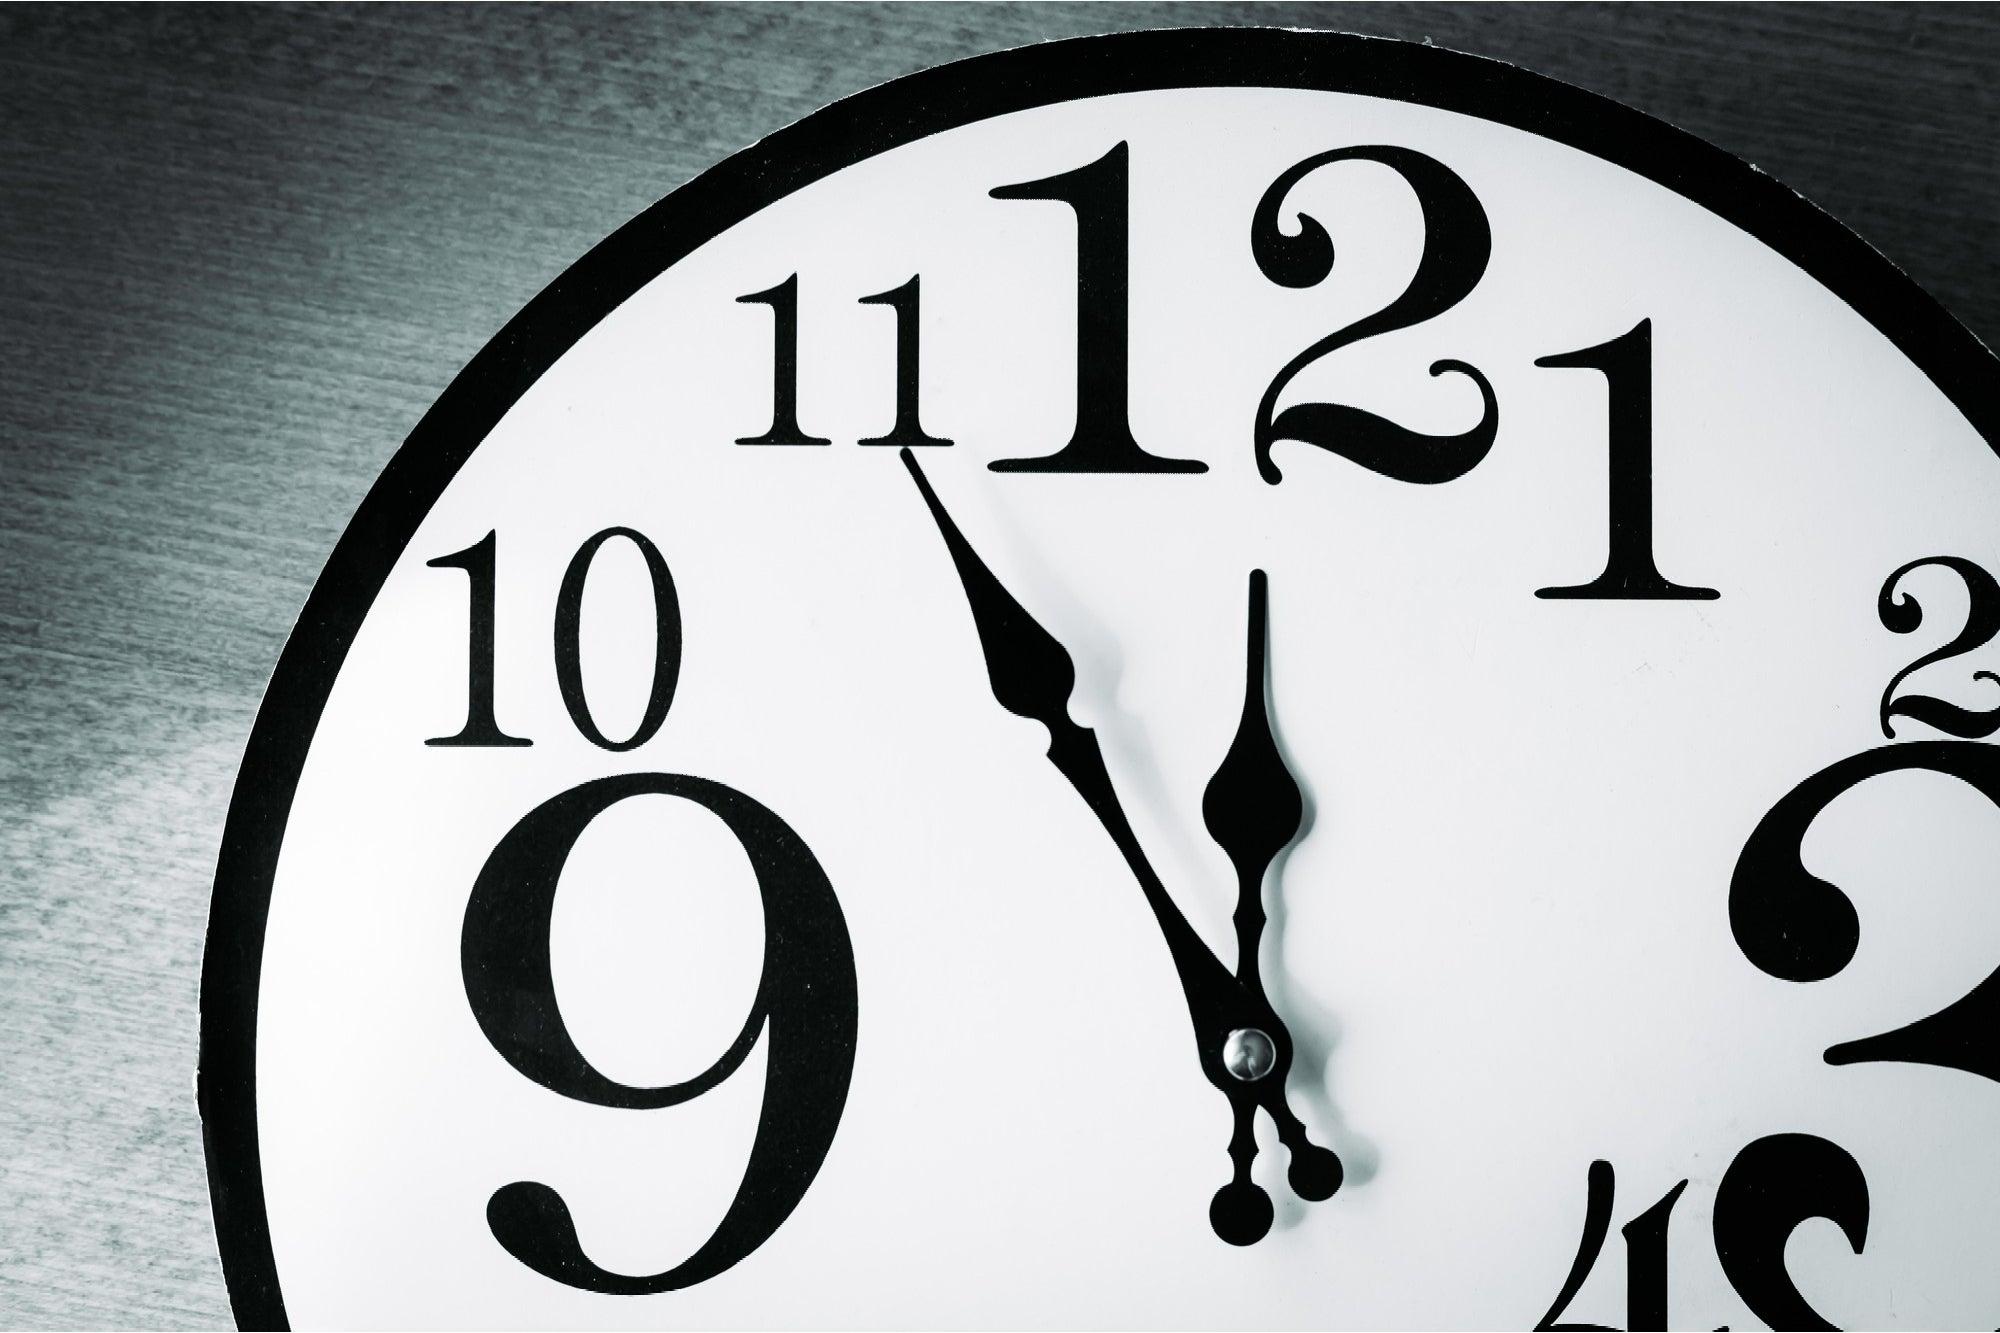 1611960398-RelojdelJuicioFinal.jpg